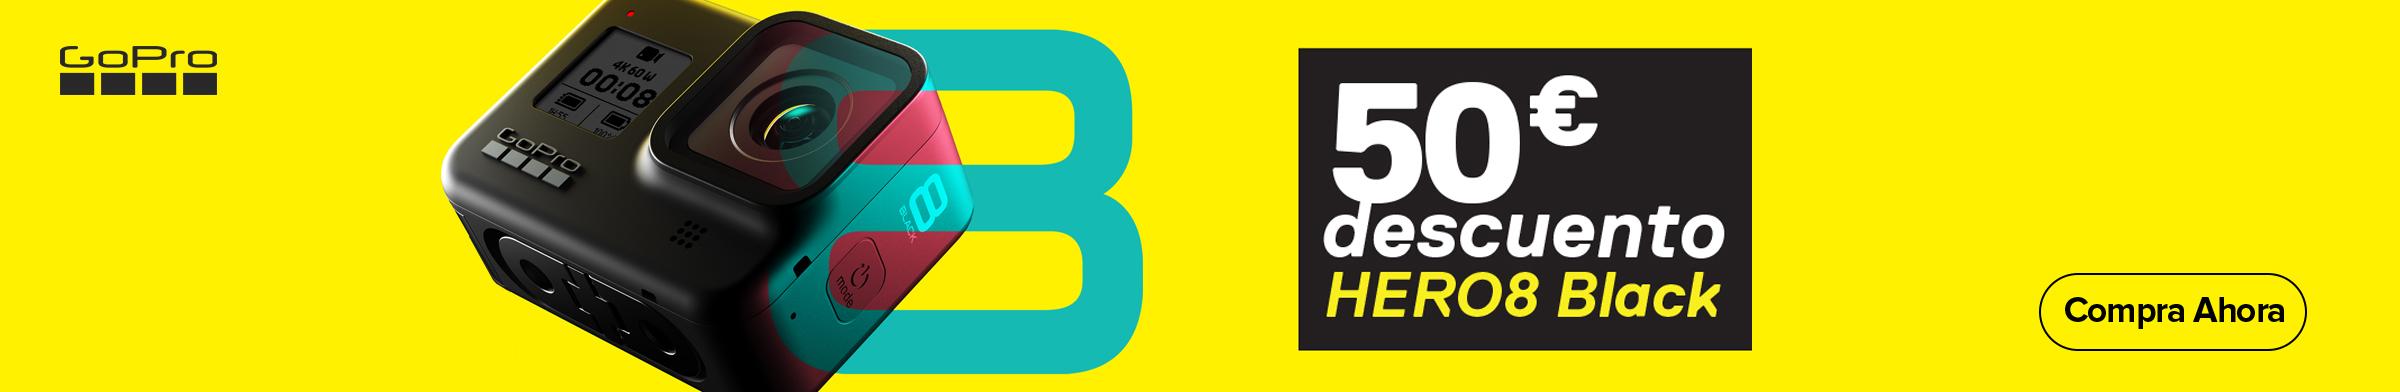 50€ de descuento en Gopro HERO8 Black